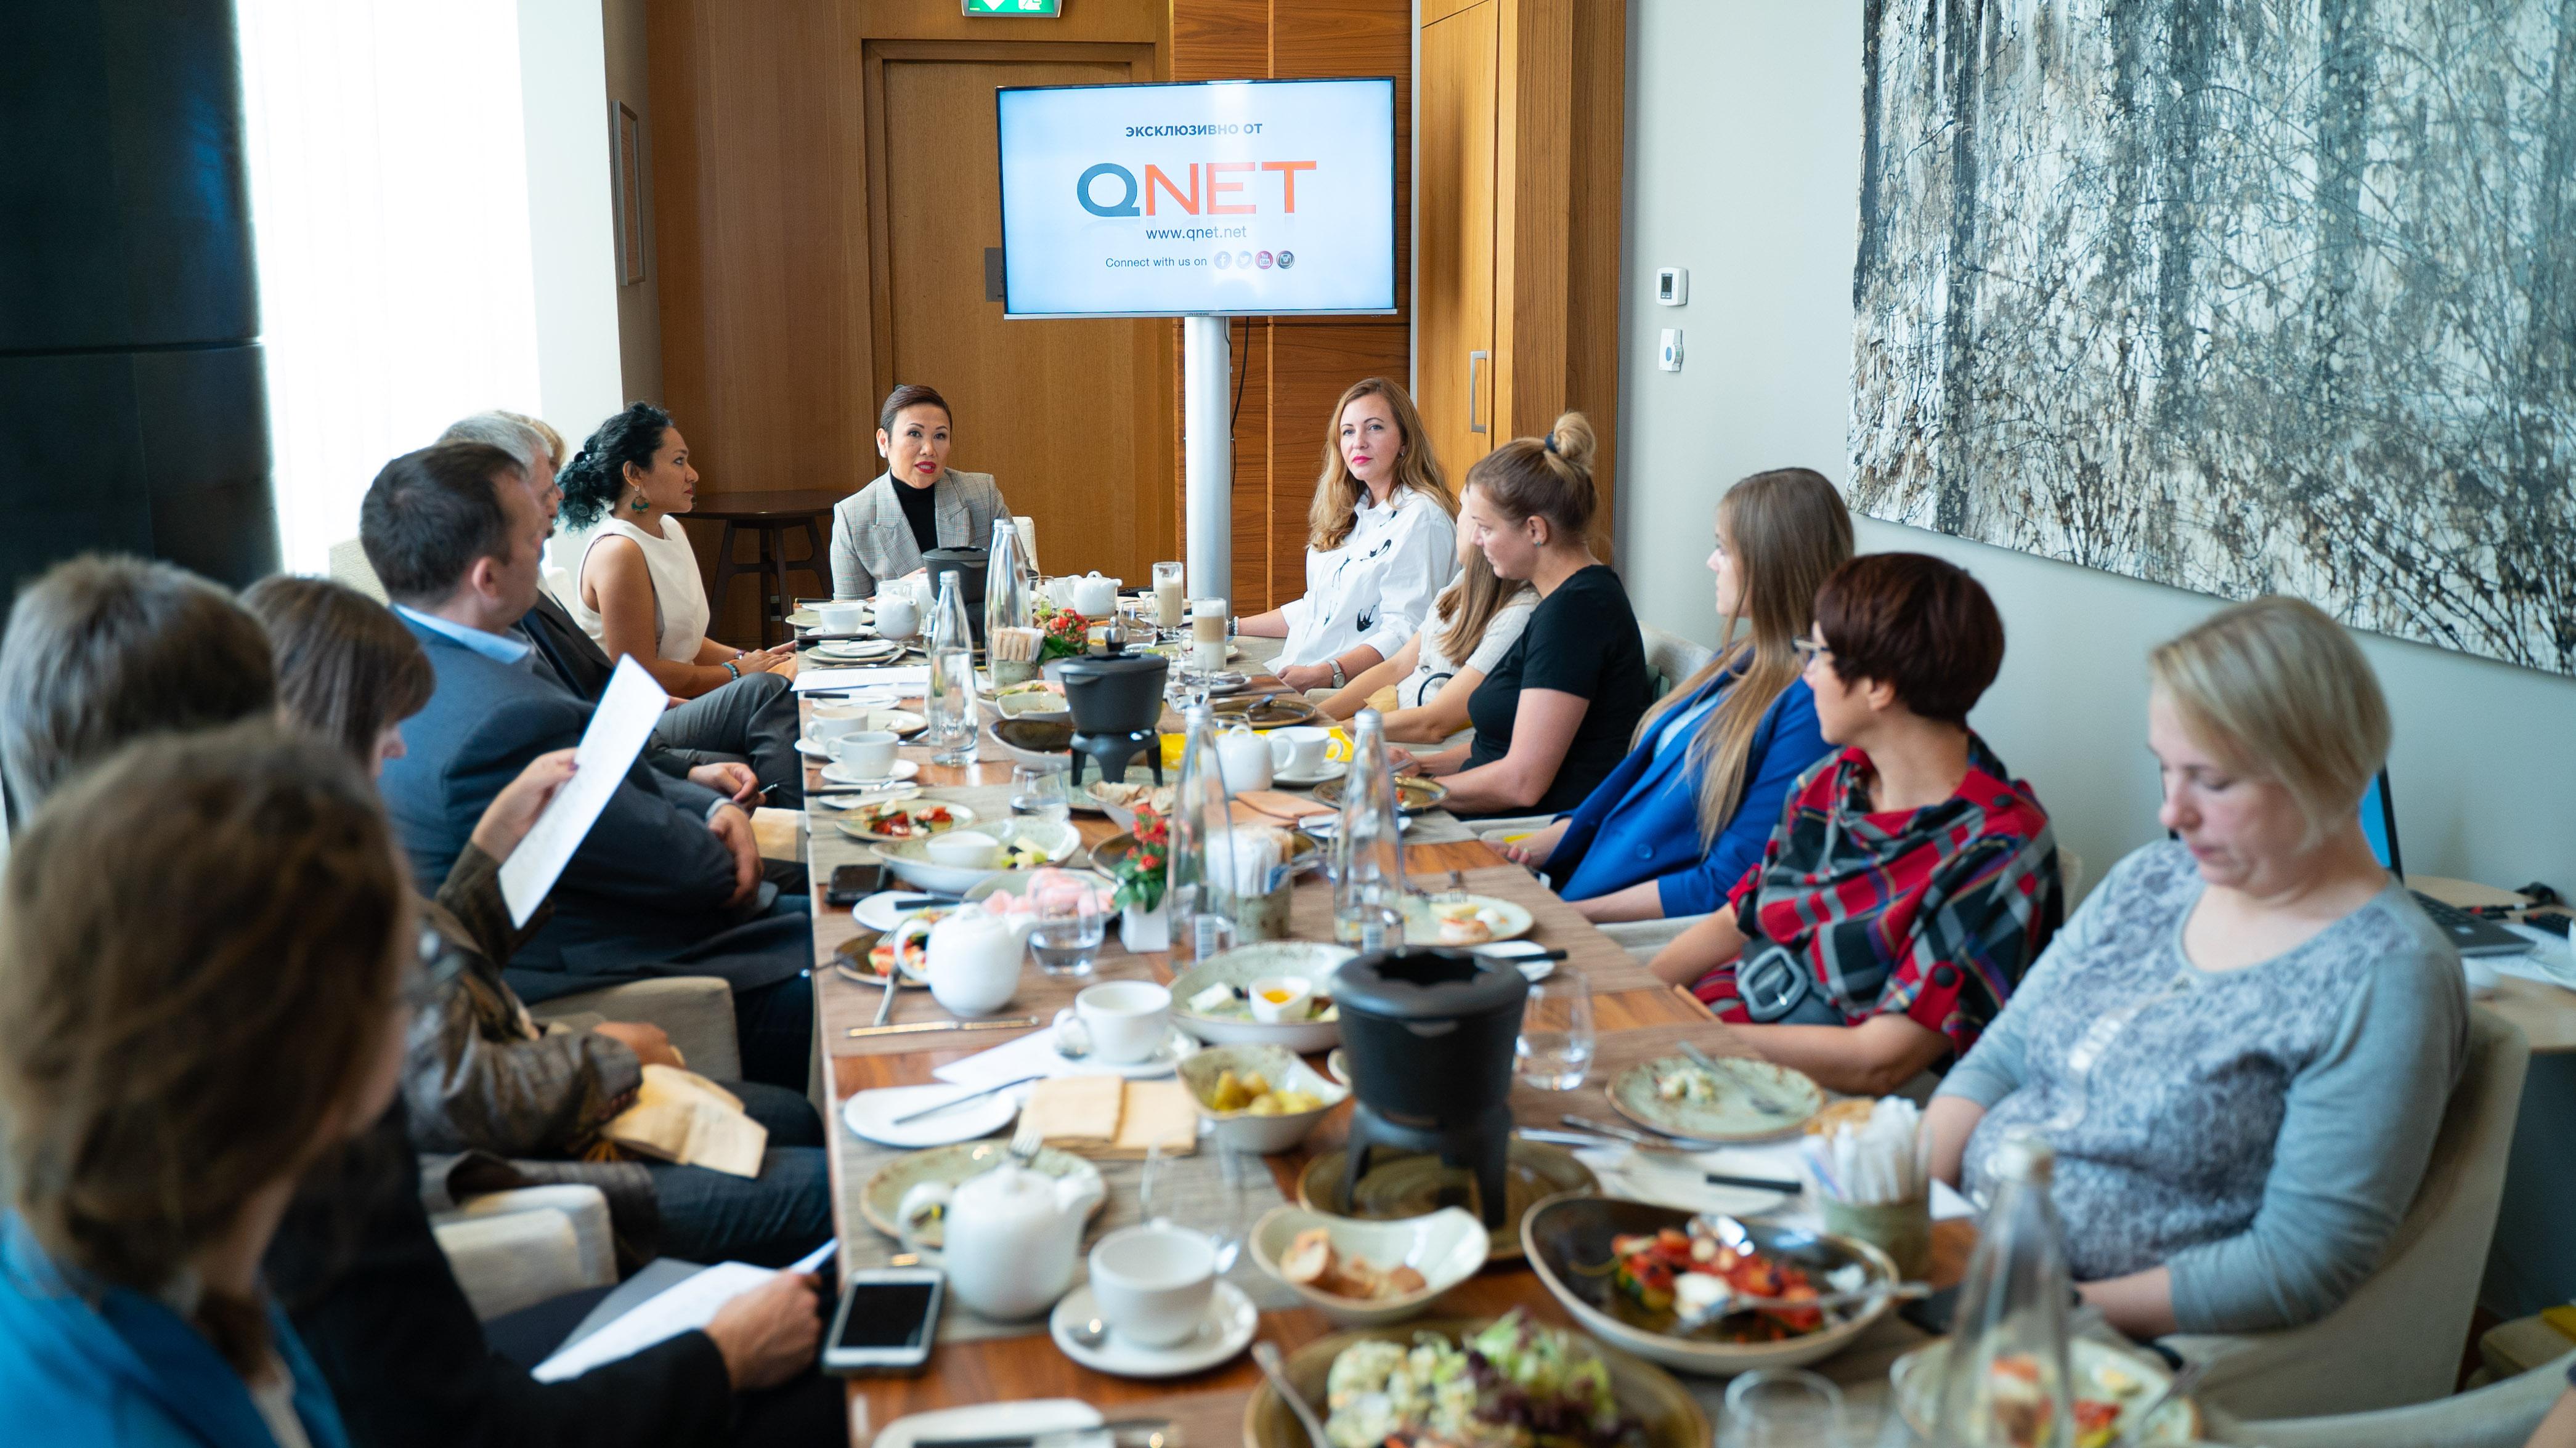 Новый гендиректор QNET Малу Калуза впервые посетила Россию